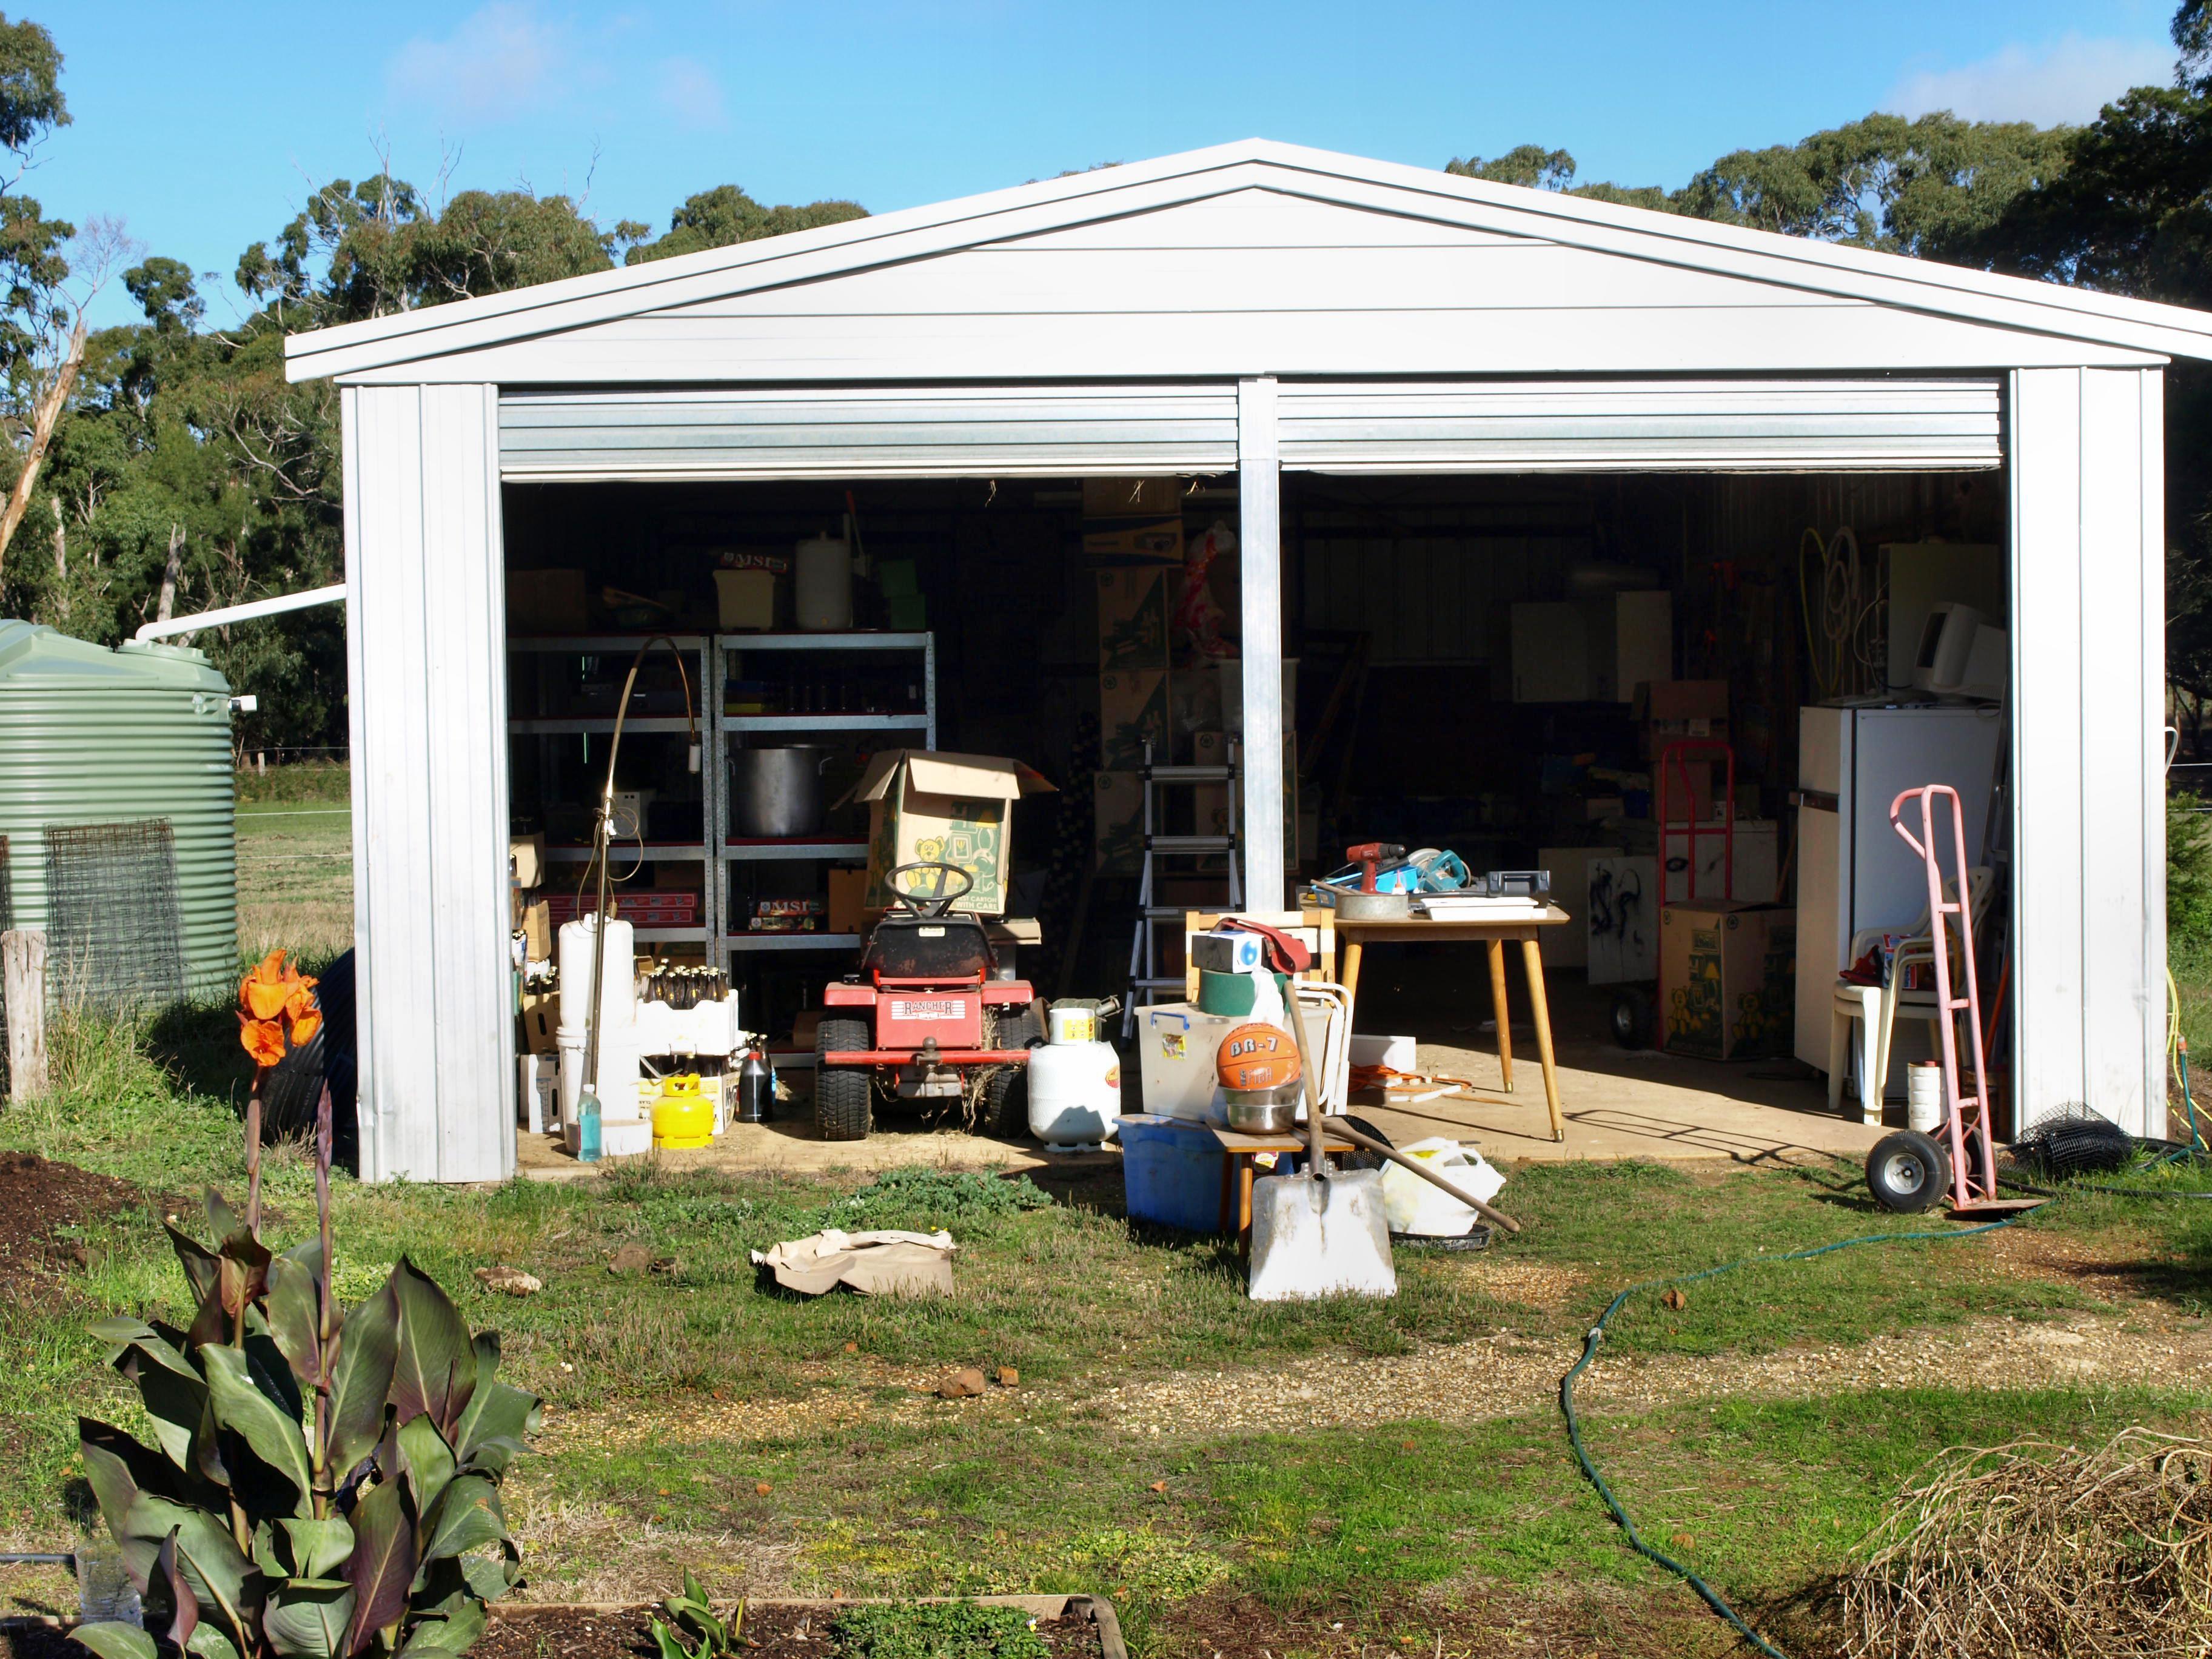 shed-0.jpeg